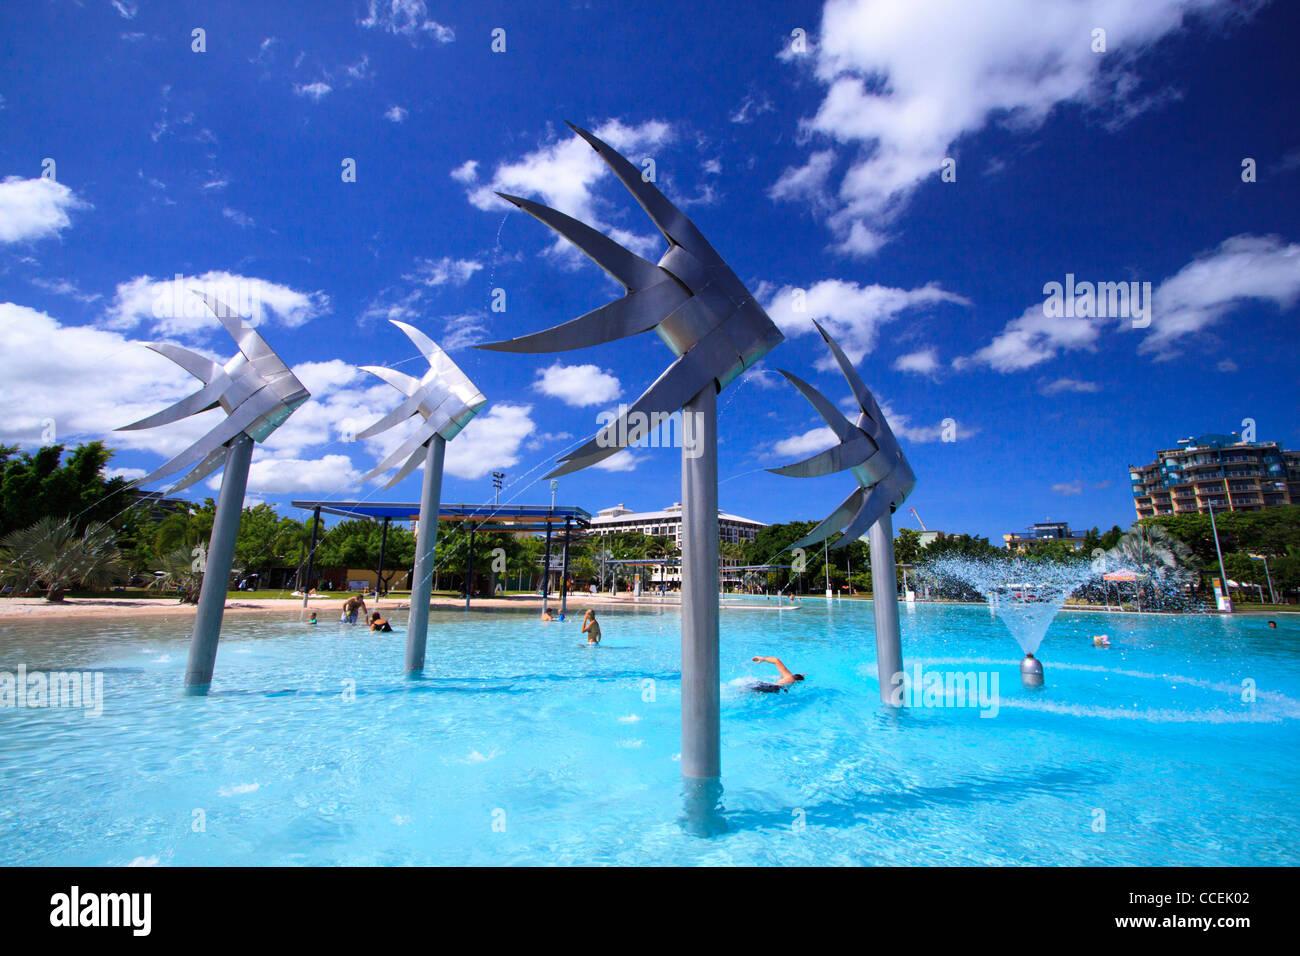 Las gigantescas estatuas de pescado son una característica conocida de Cairns Esplanade Lagoon. Far North Queensland, Imagen De Stock